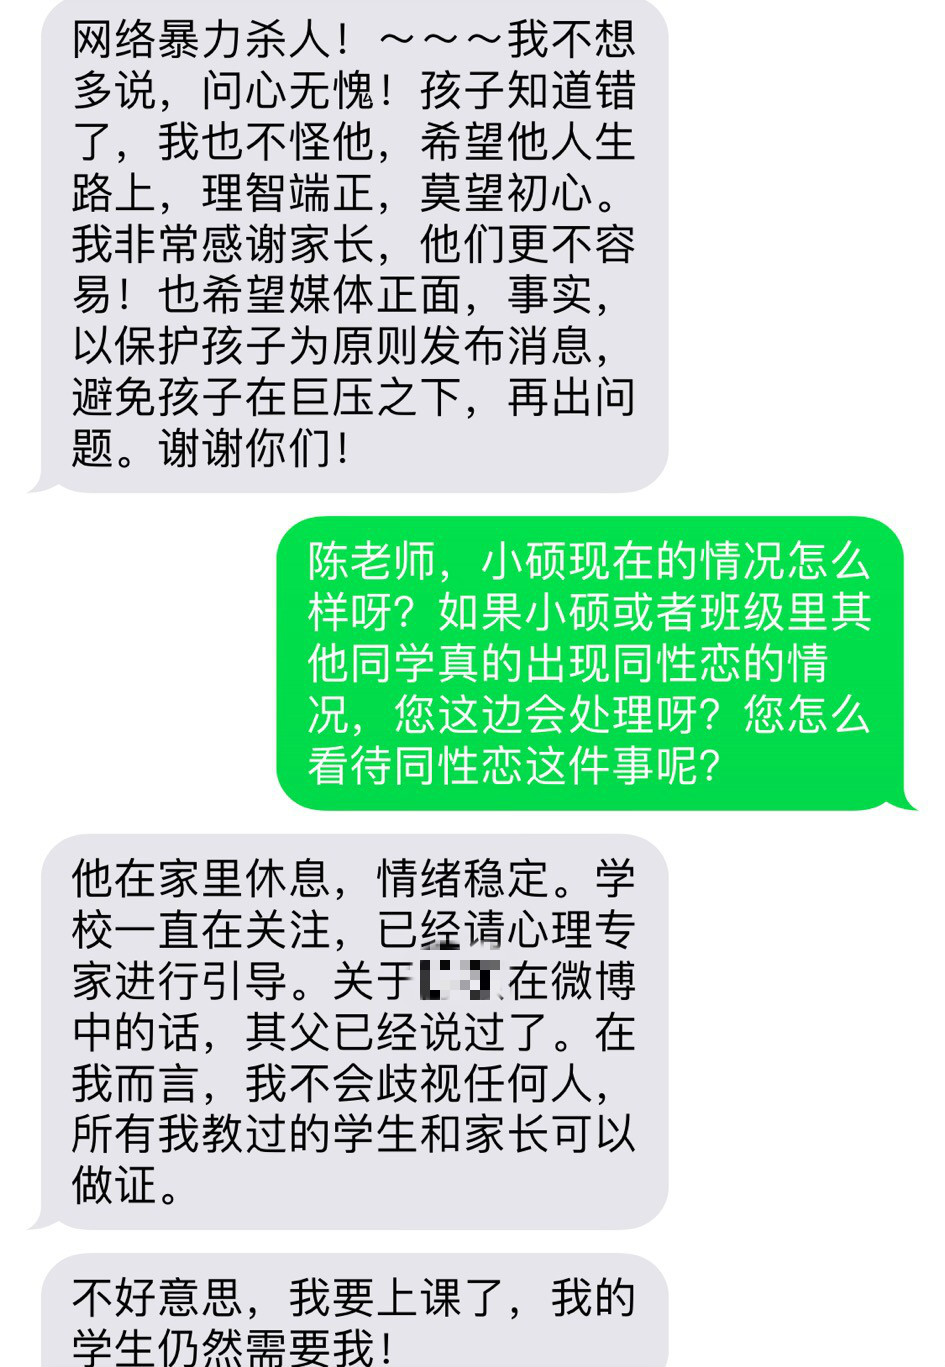 陈老师回复新京报记者短信截图。